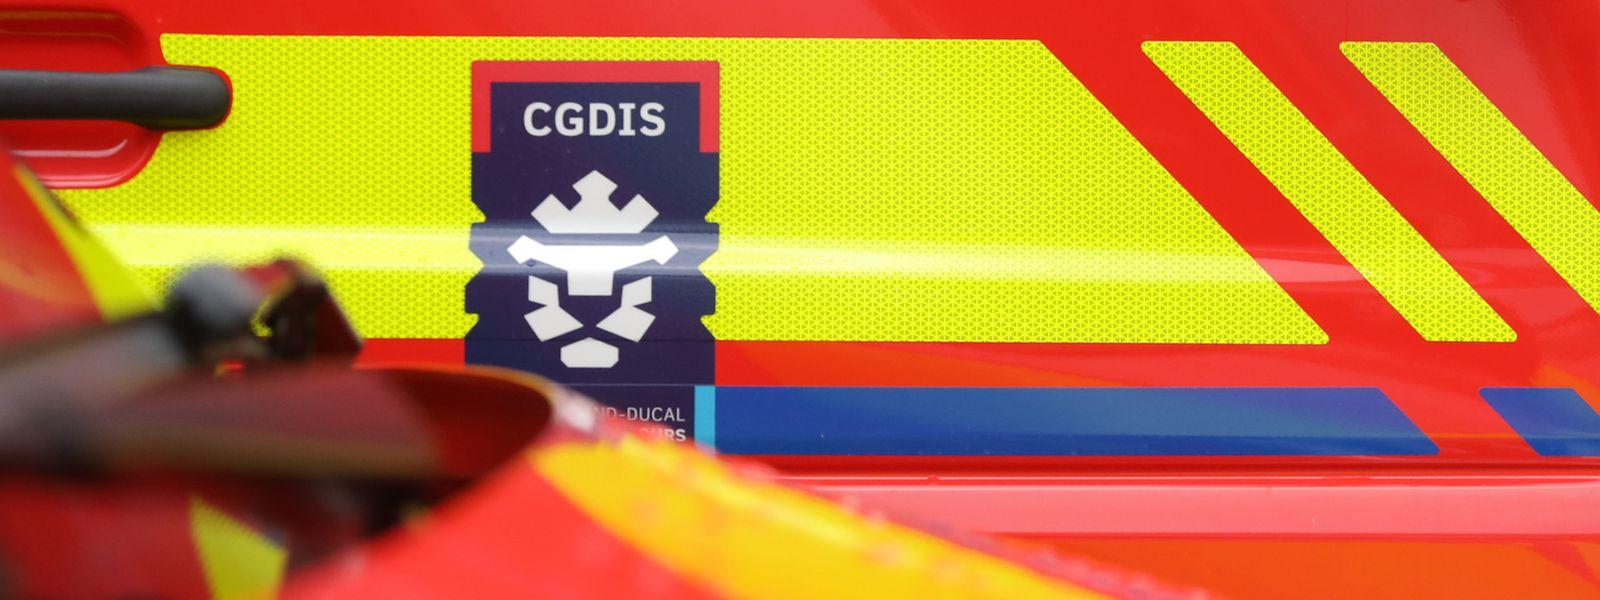 Einsatzkräfte des CGDIS kümmerten sich um die zwei Wuhan-Rückkehrer.